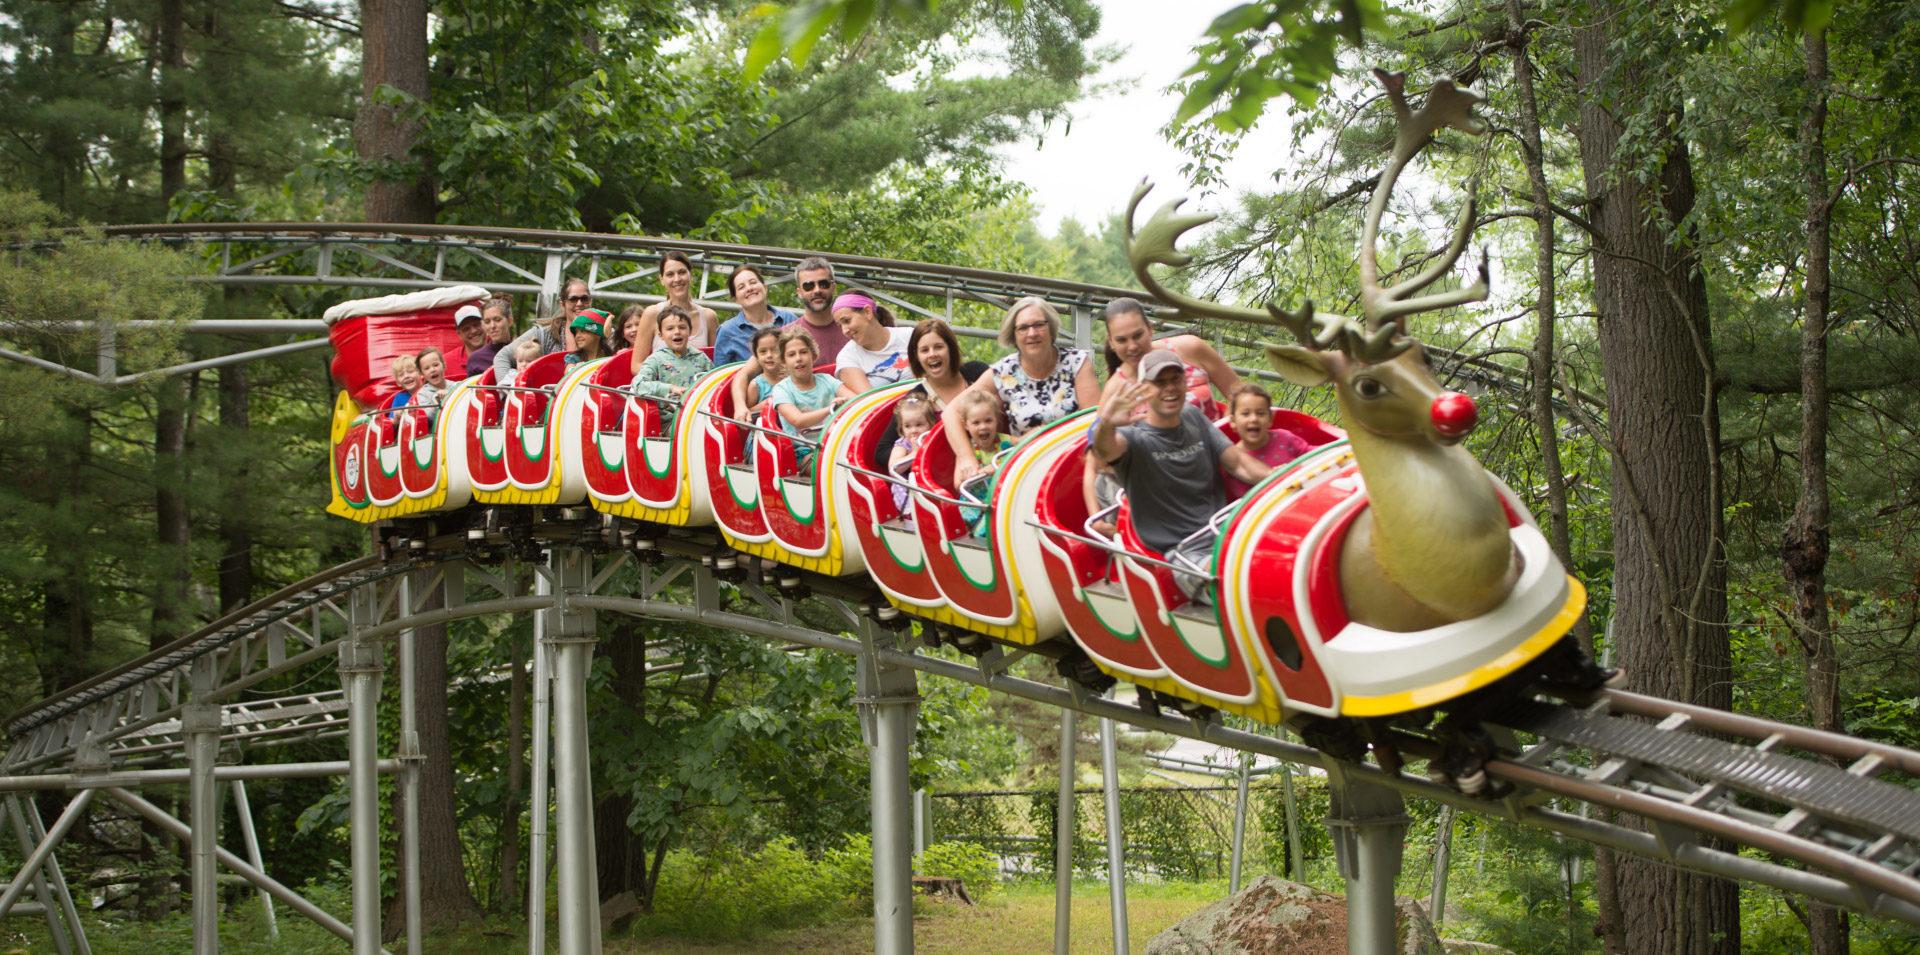 Roudph's roller coaster